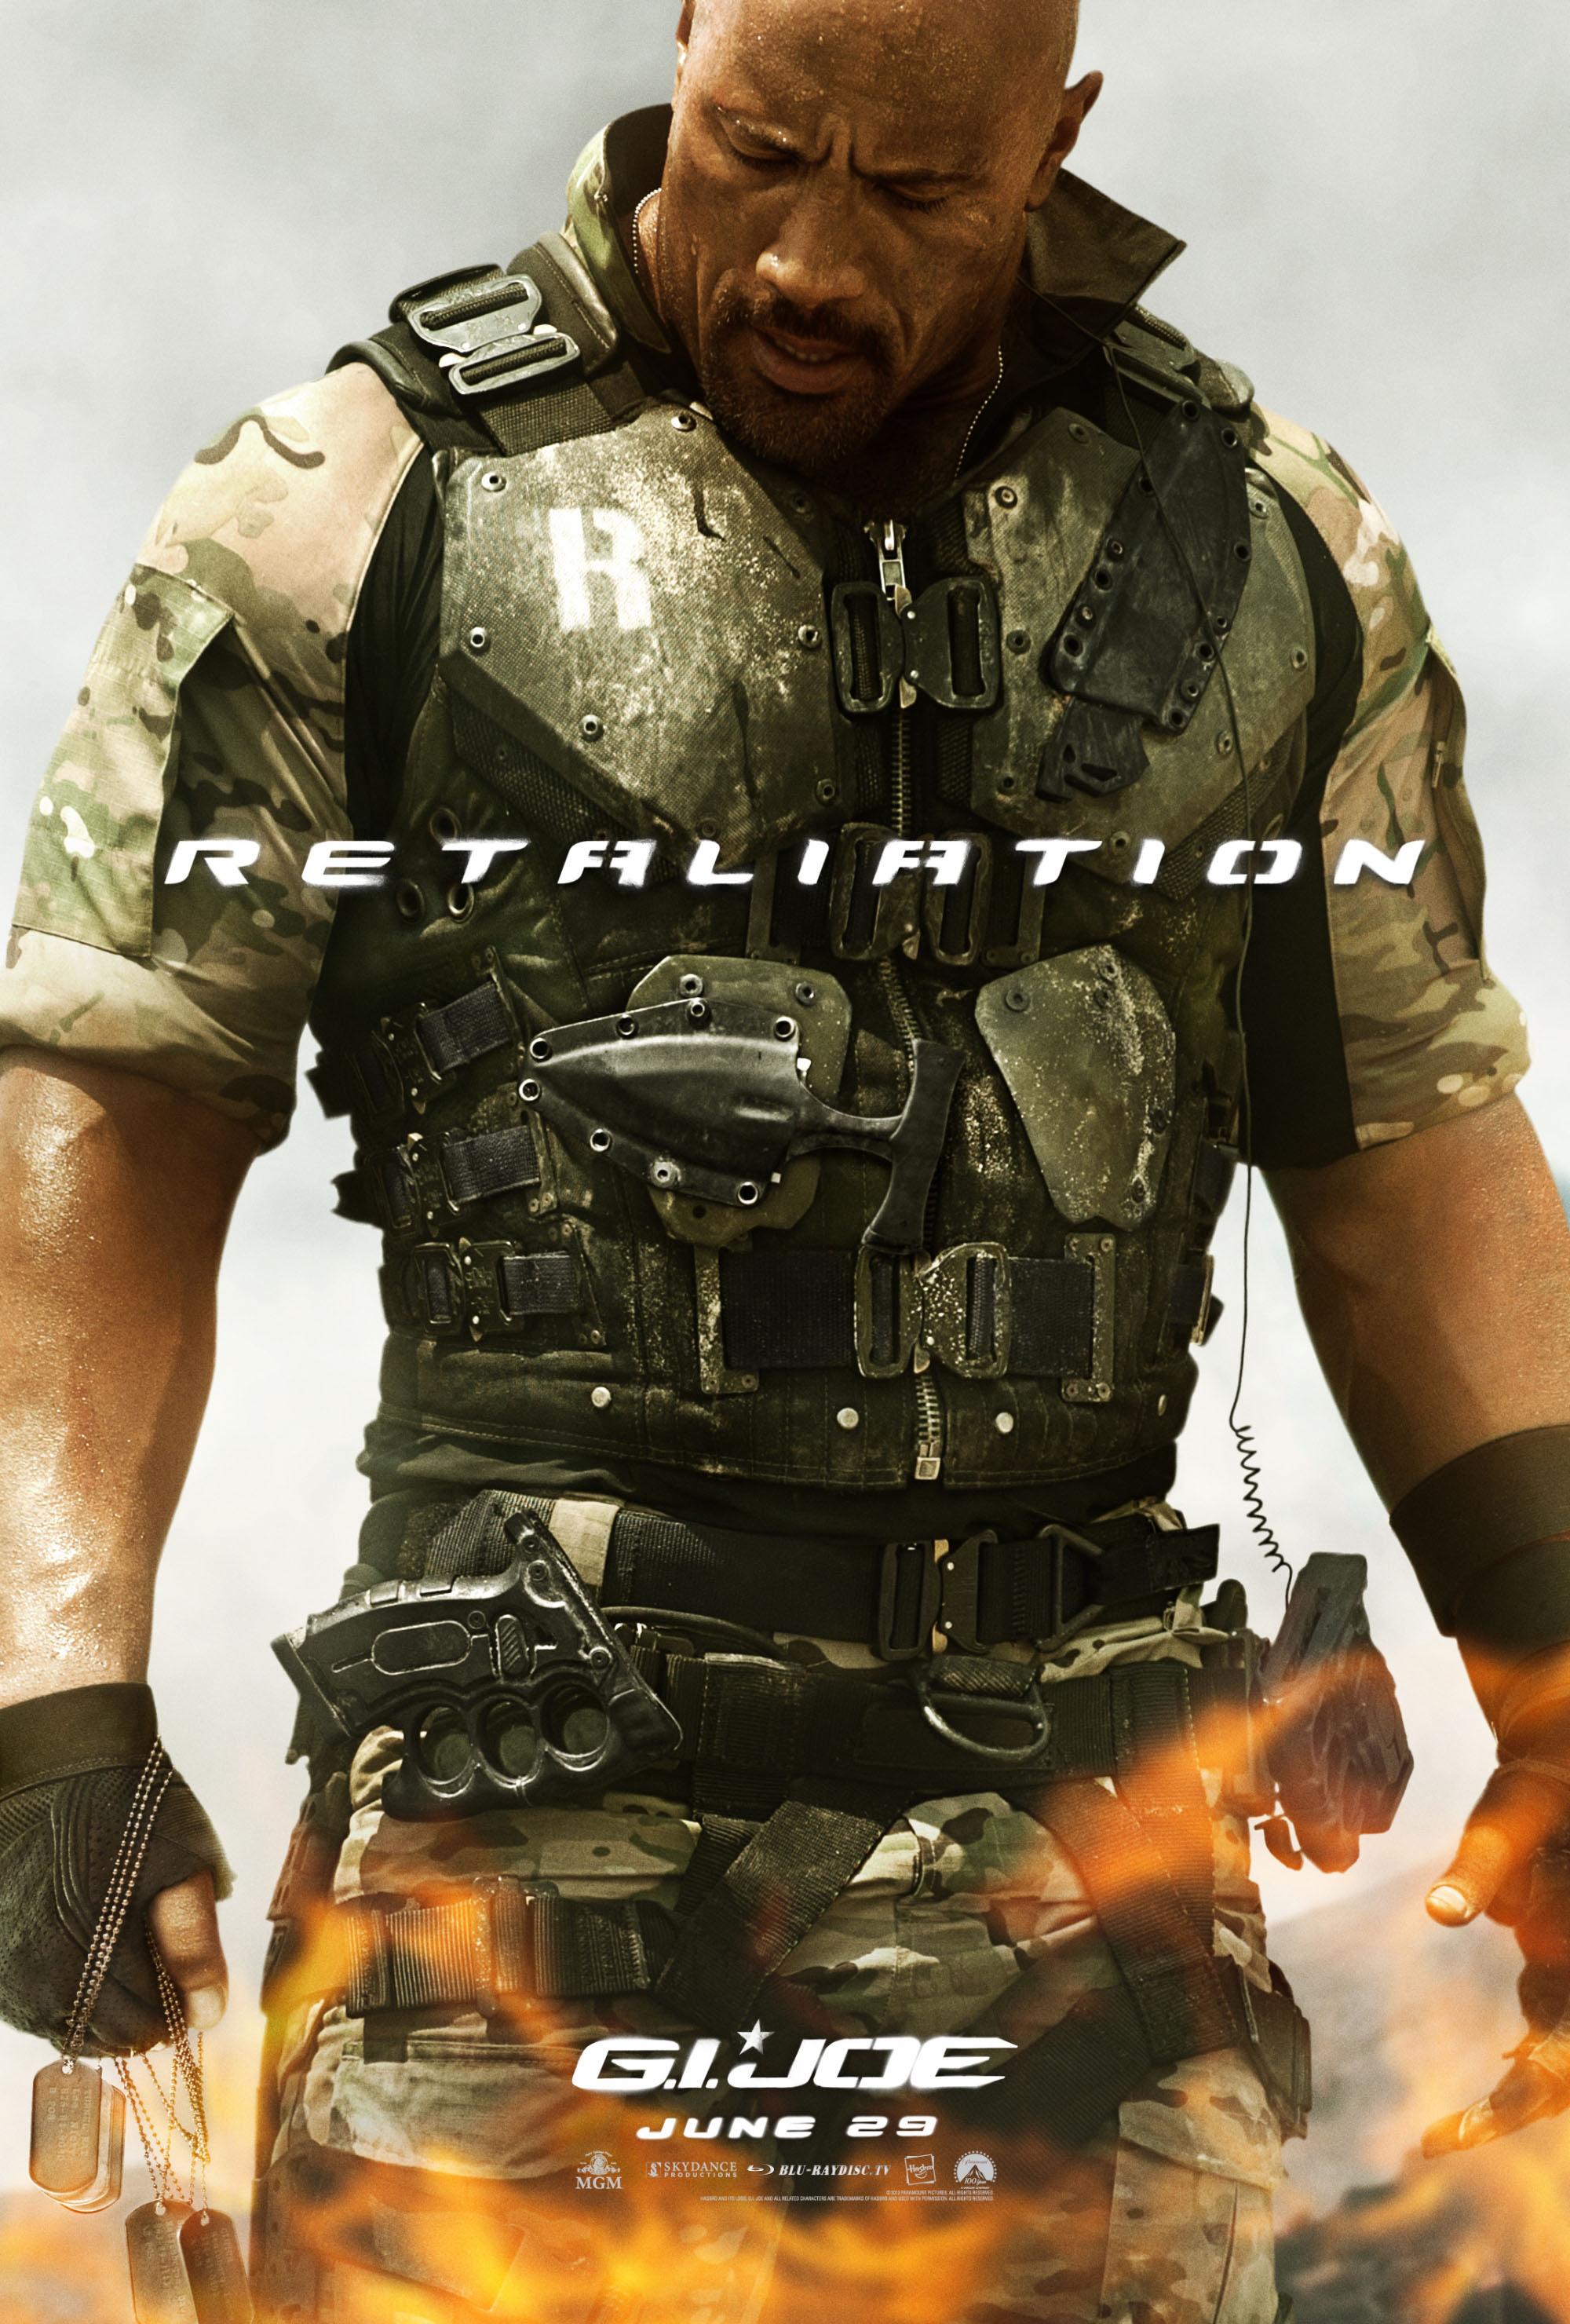 G.I. Joe: Retaliation - Movie Poster #1 (Original)